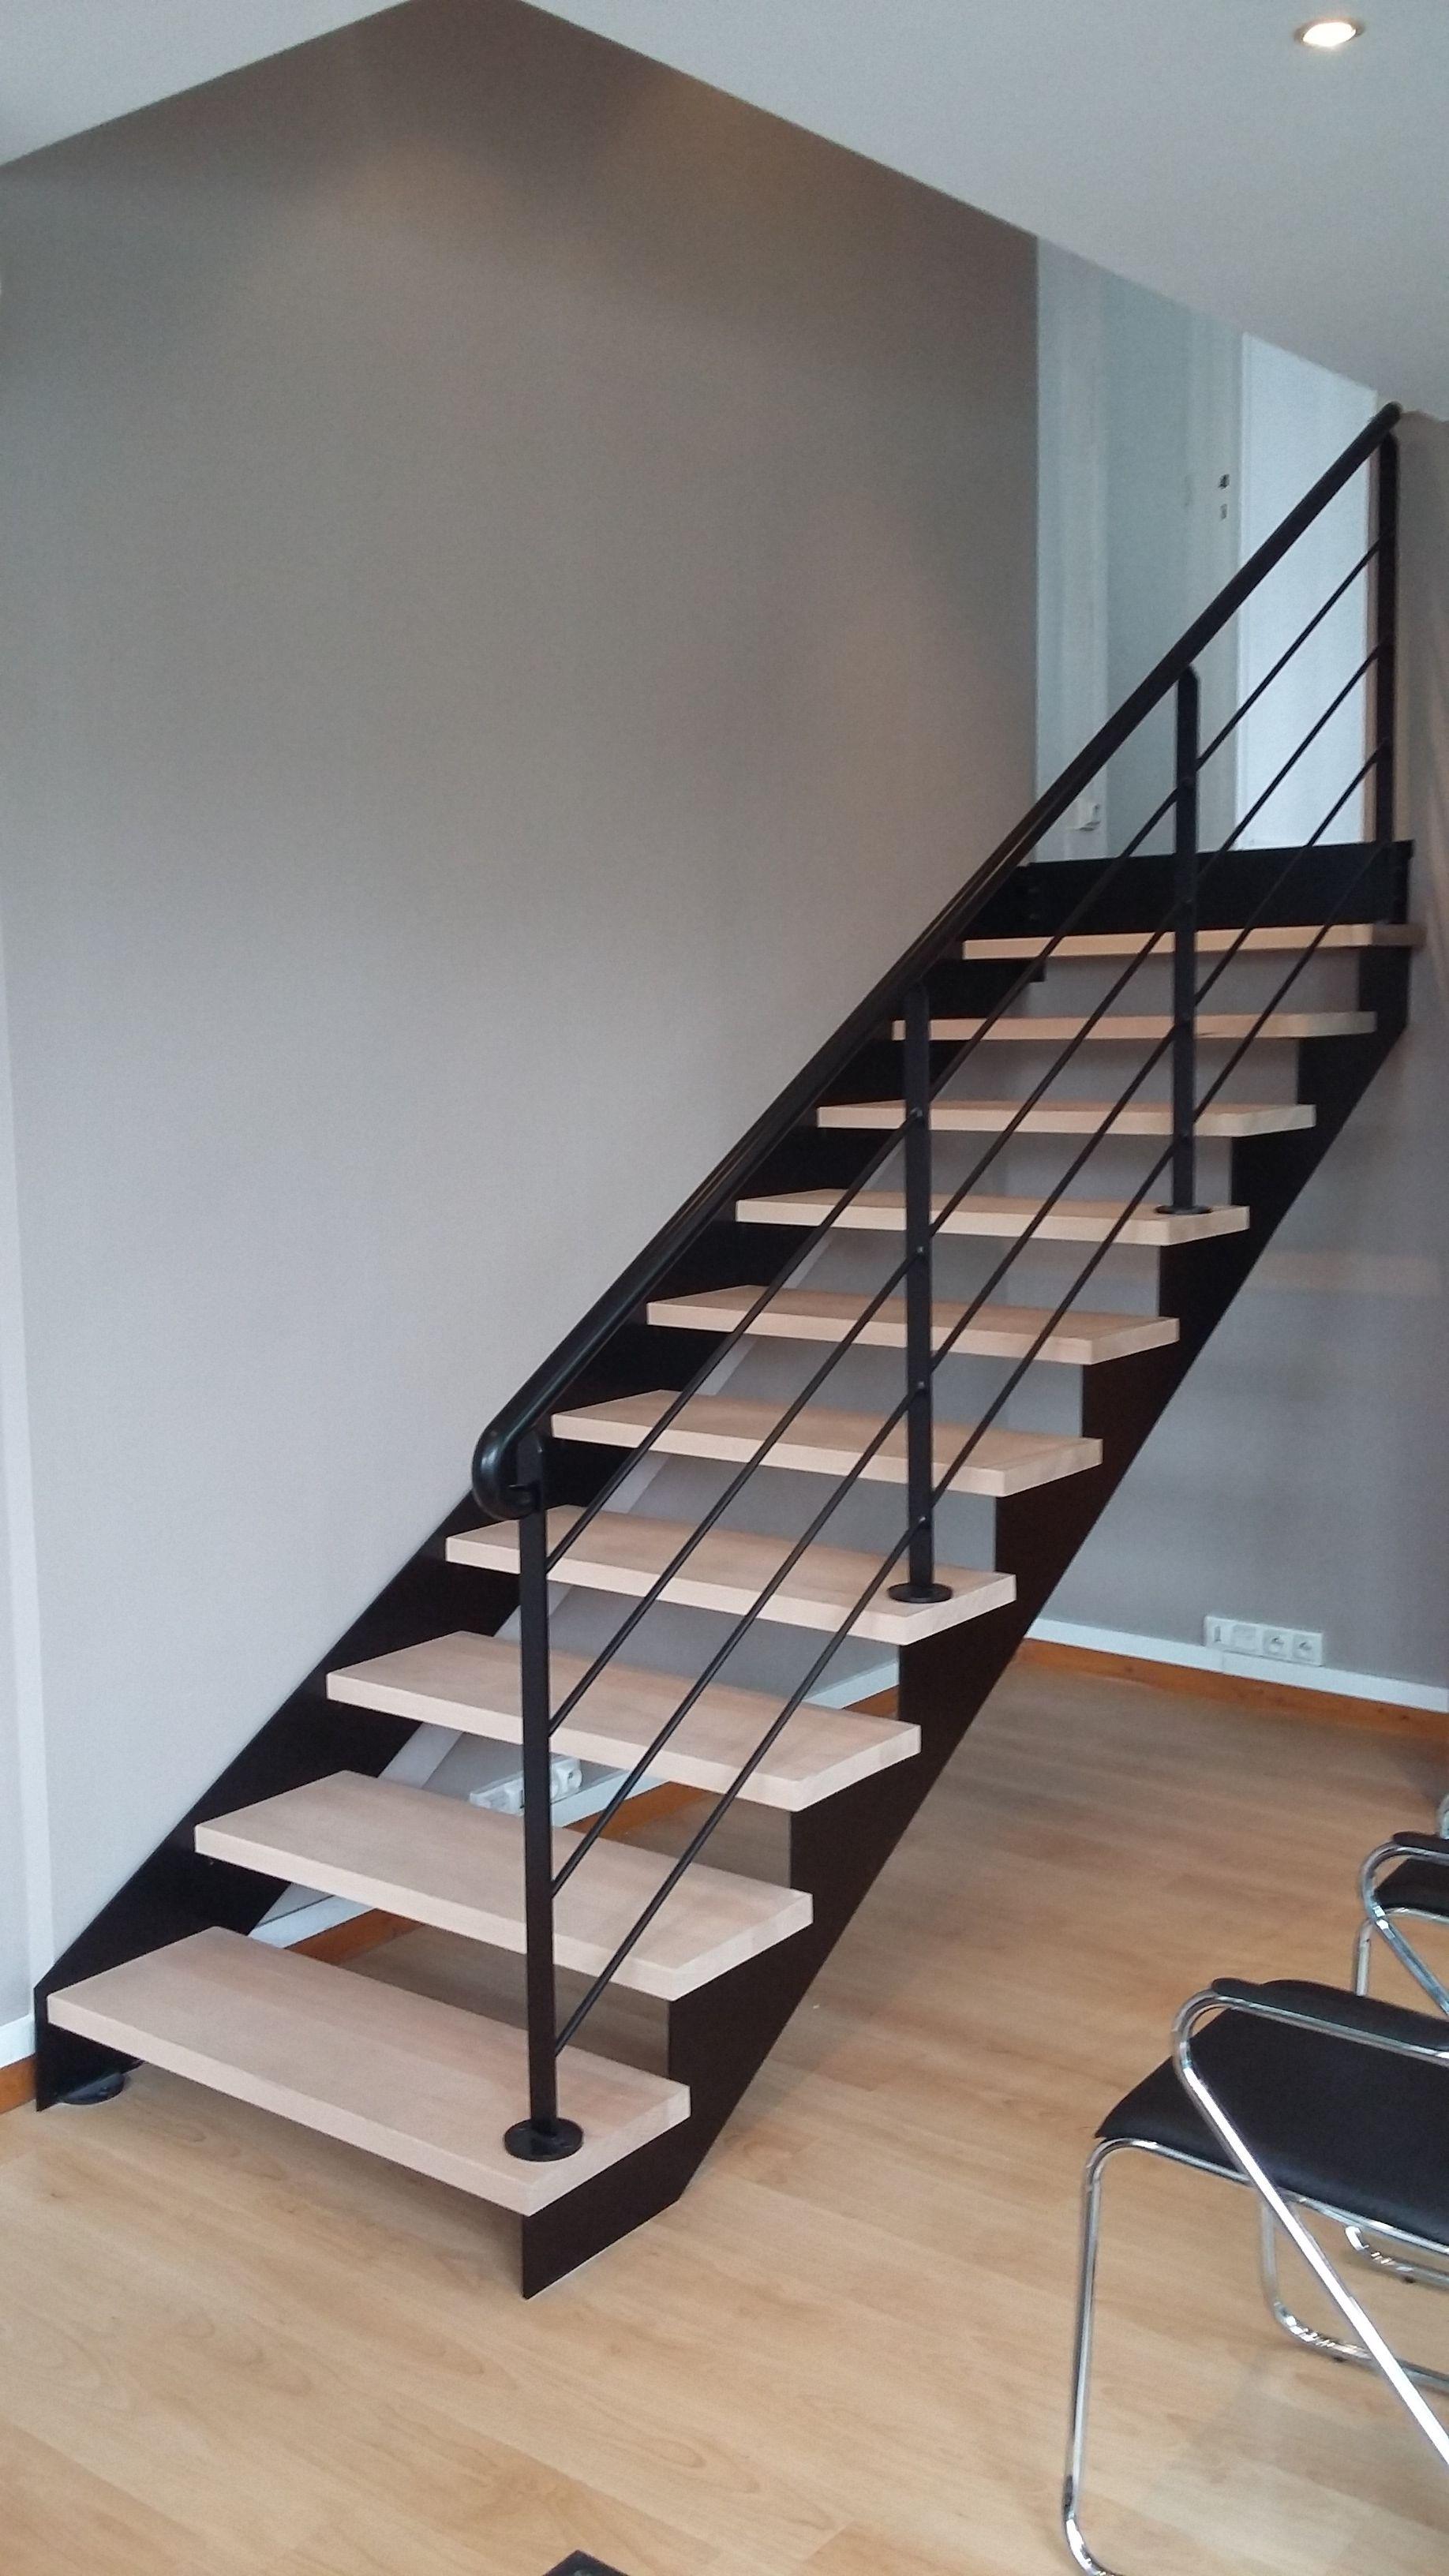 Escalier Bois Metal Noir nos verrières - escalier design 14 - escalier limon fer plat